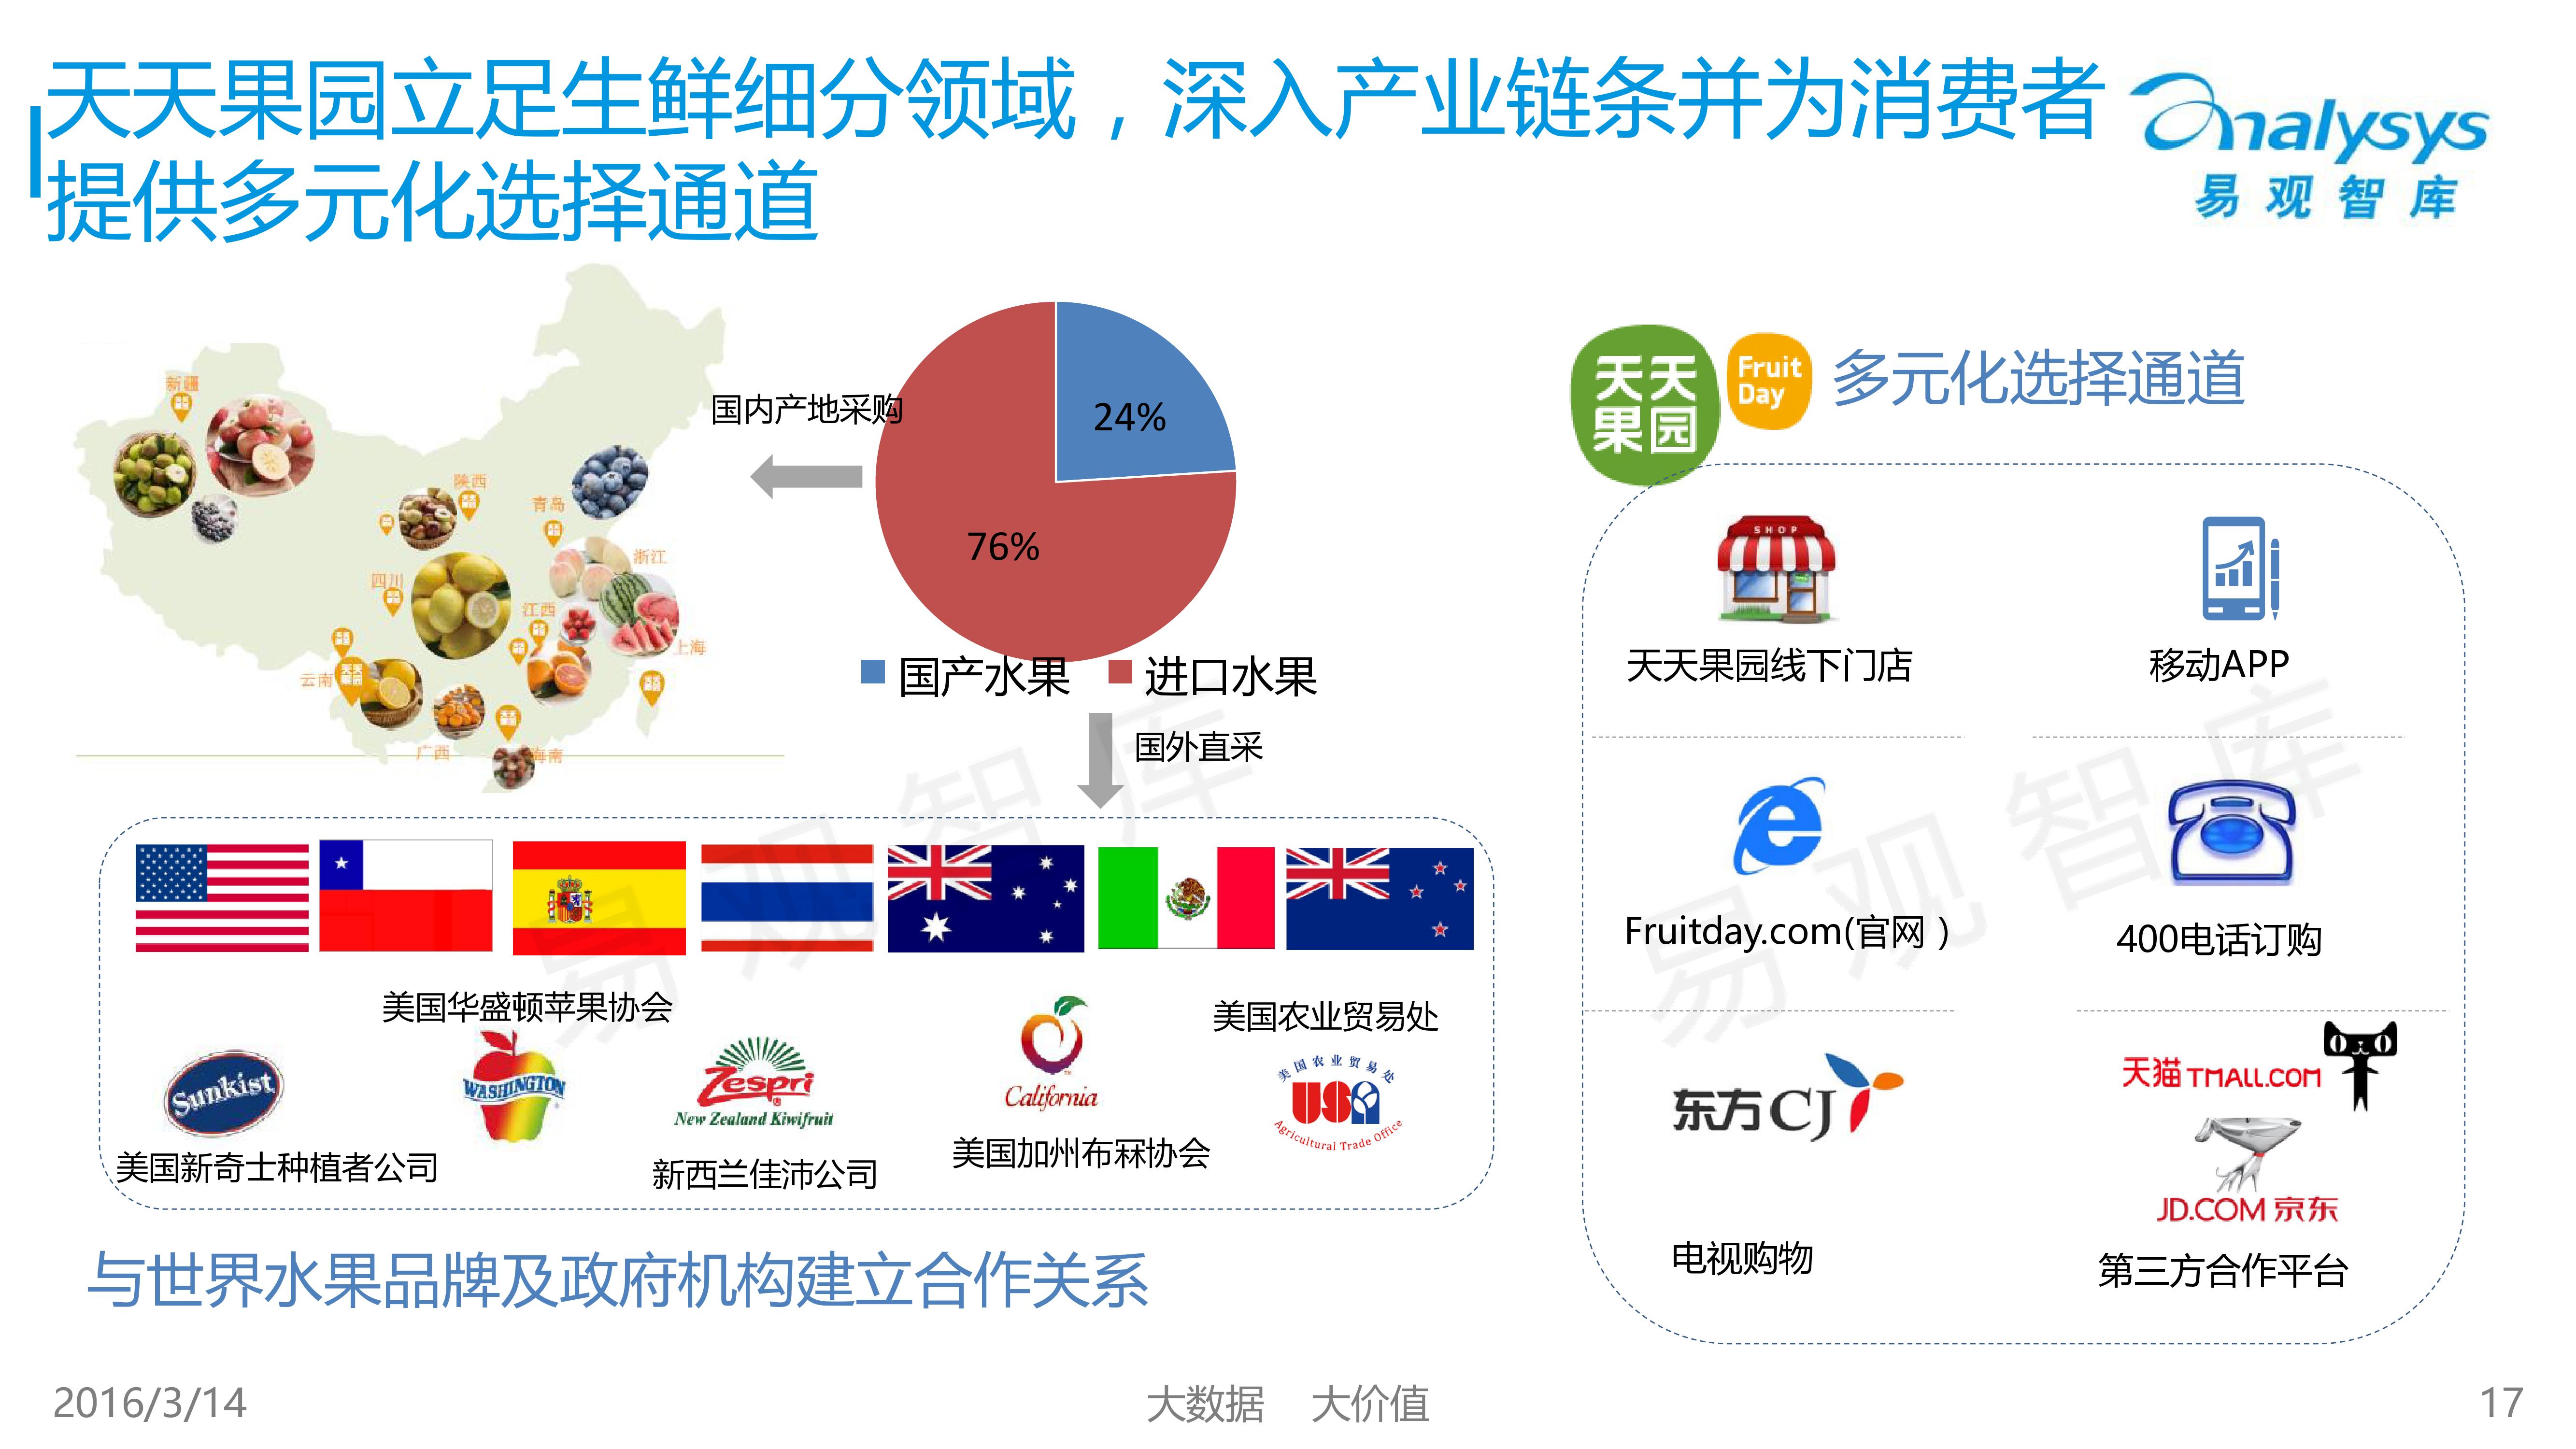 易观国际:2016中国生鲜电商市场年度盘点